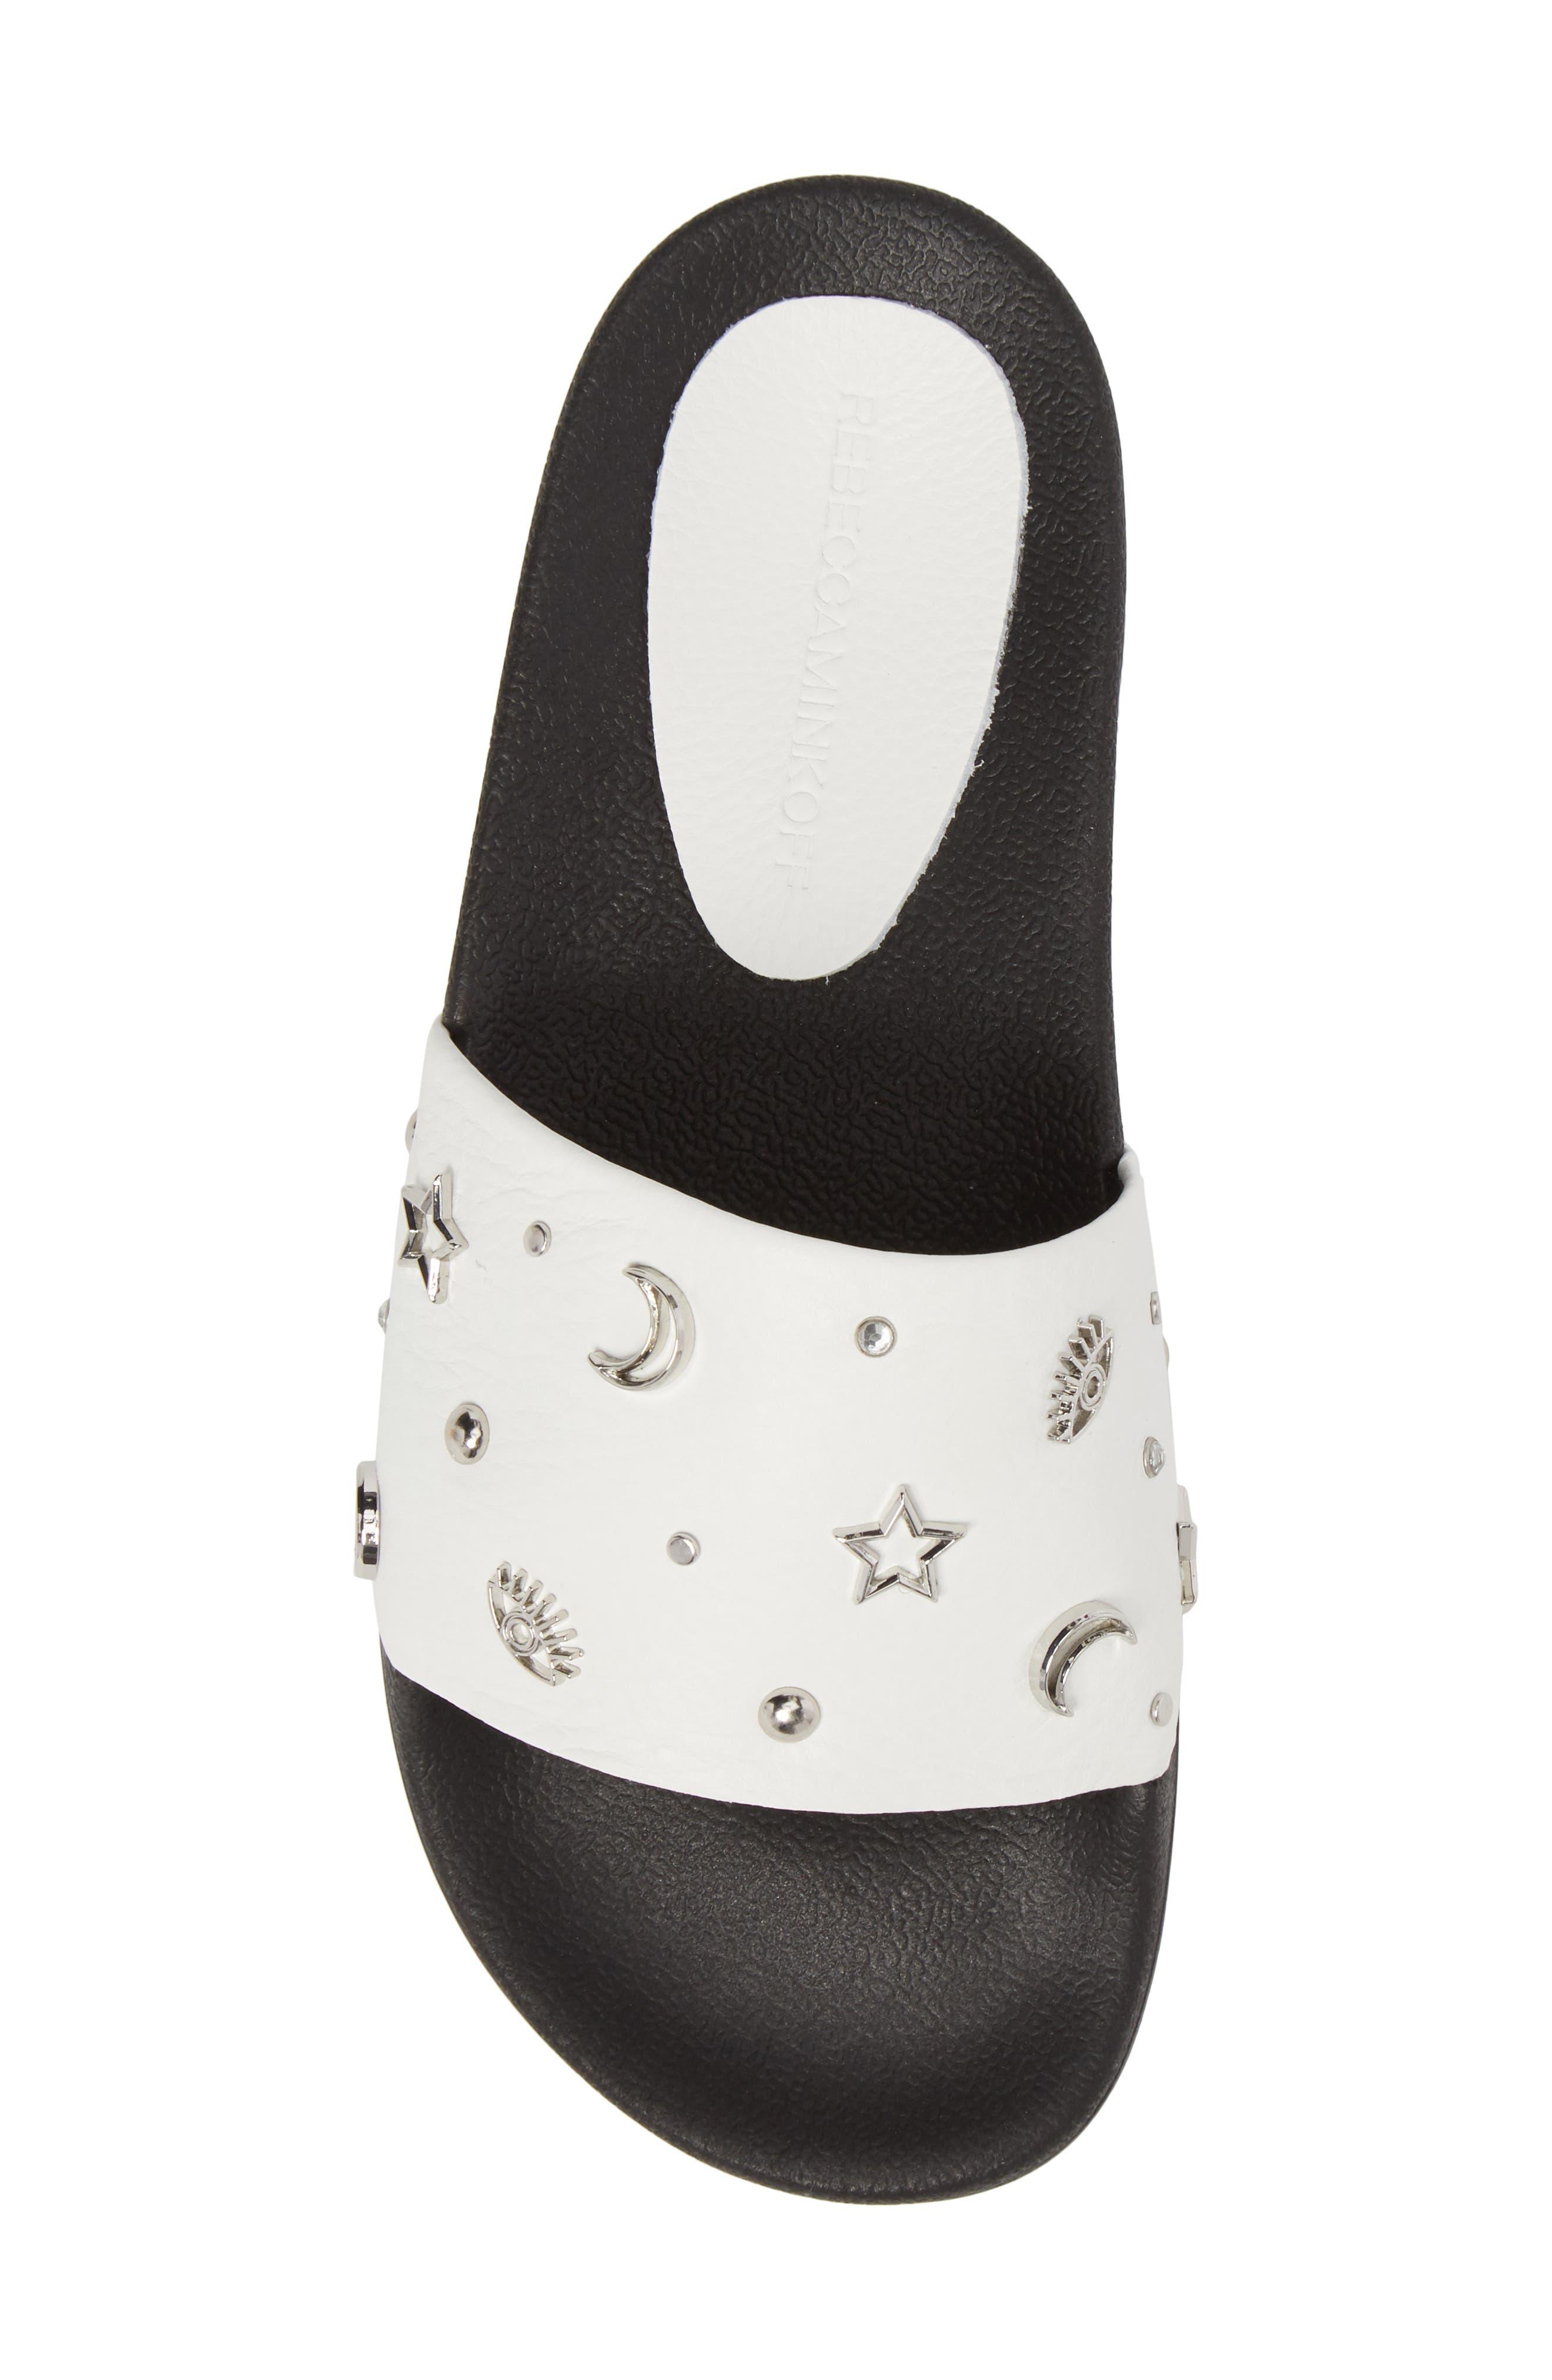 Thunder Slide Sandal,                             Alternate thumbnail 5, color,                             White Leather